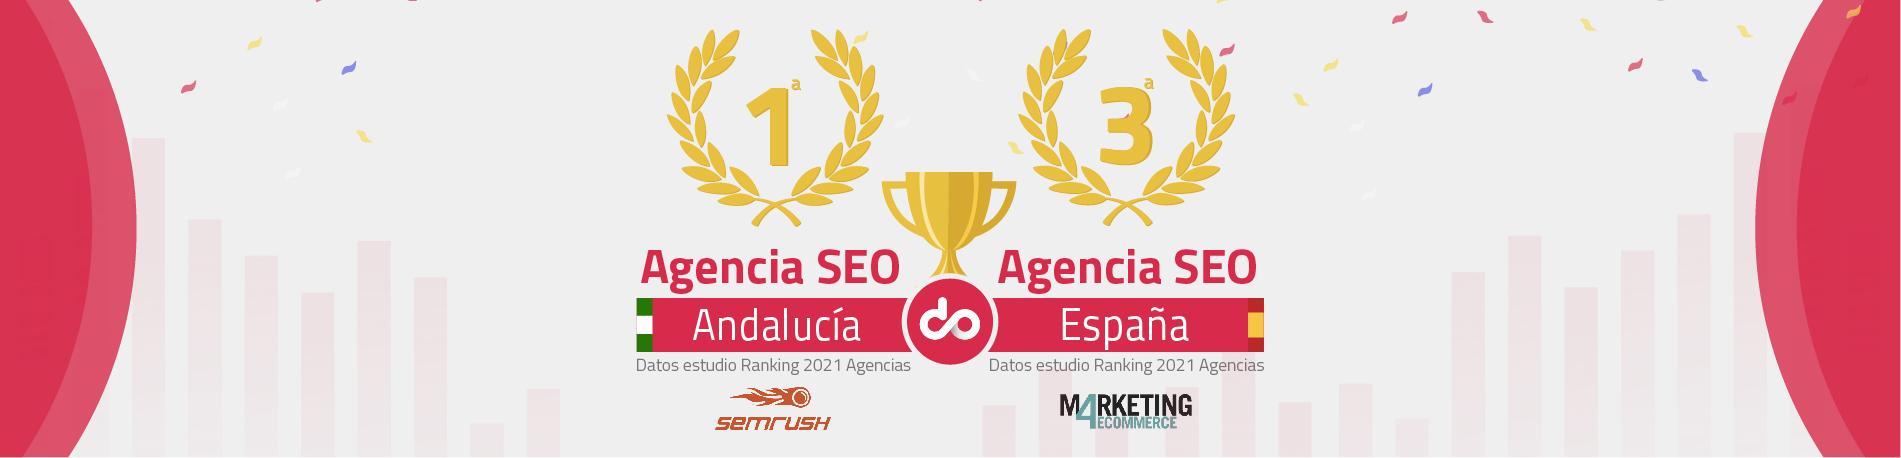 Agencia SEO Cáceres